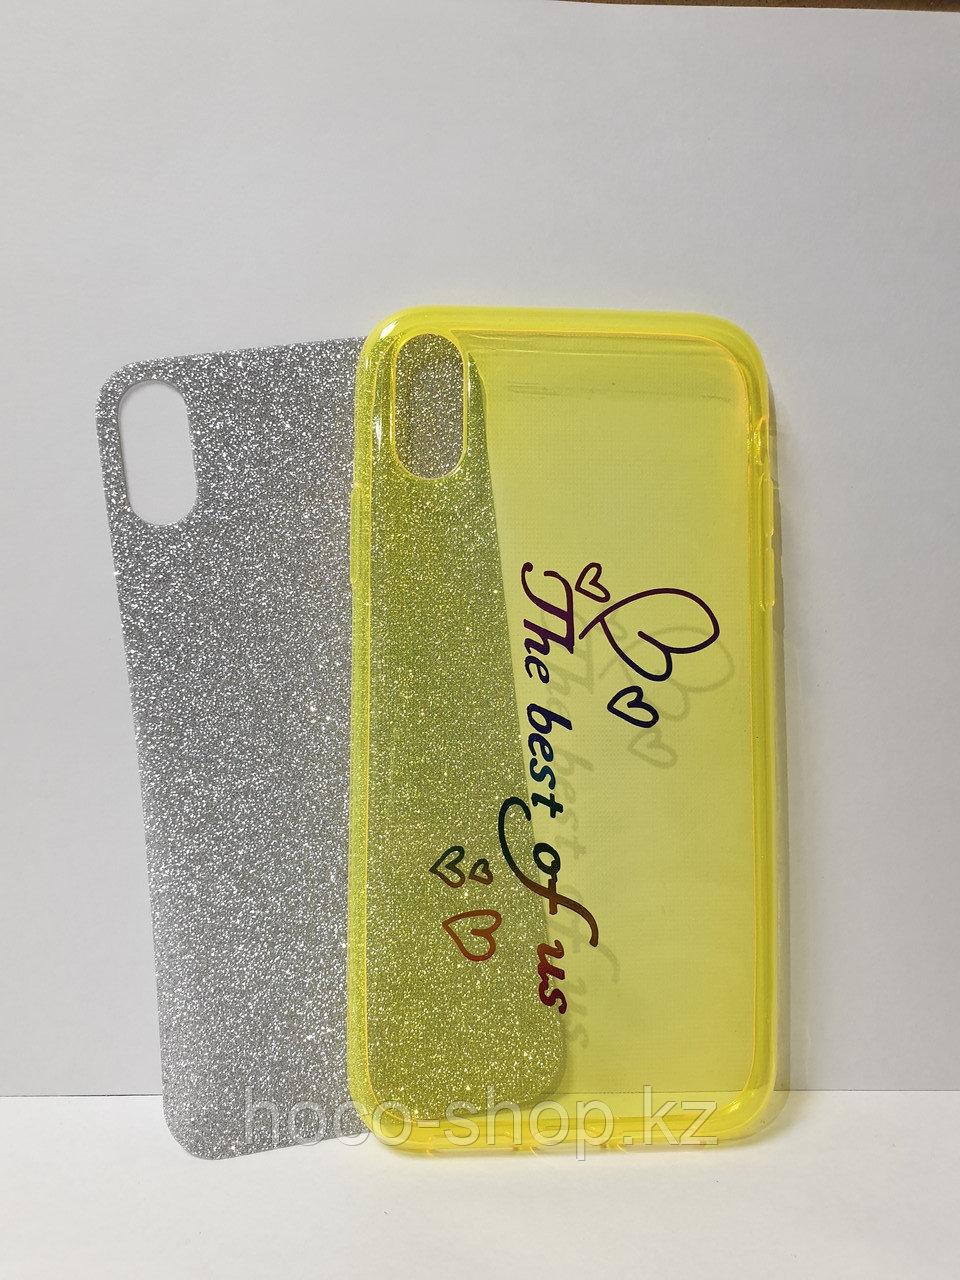 Чехол гель с блестками iPhone Xs Max - фото 2